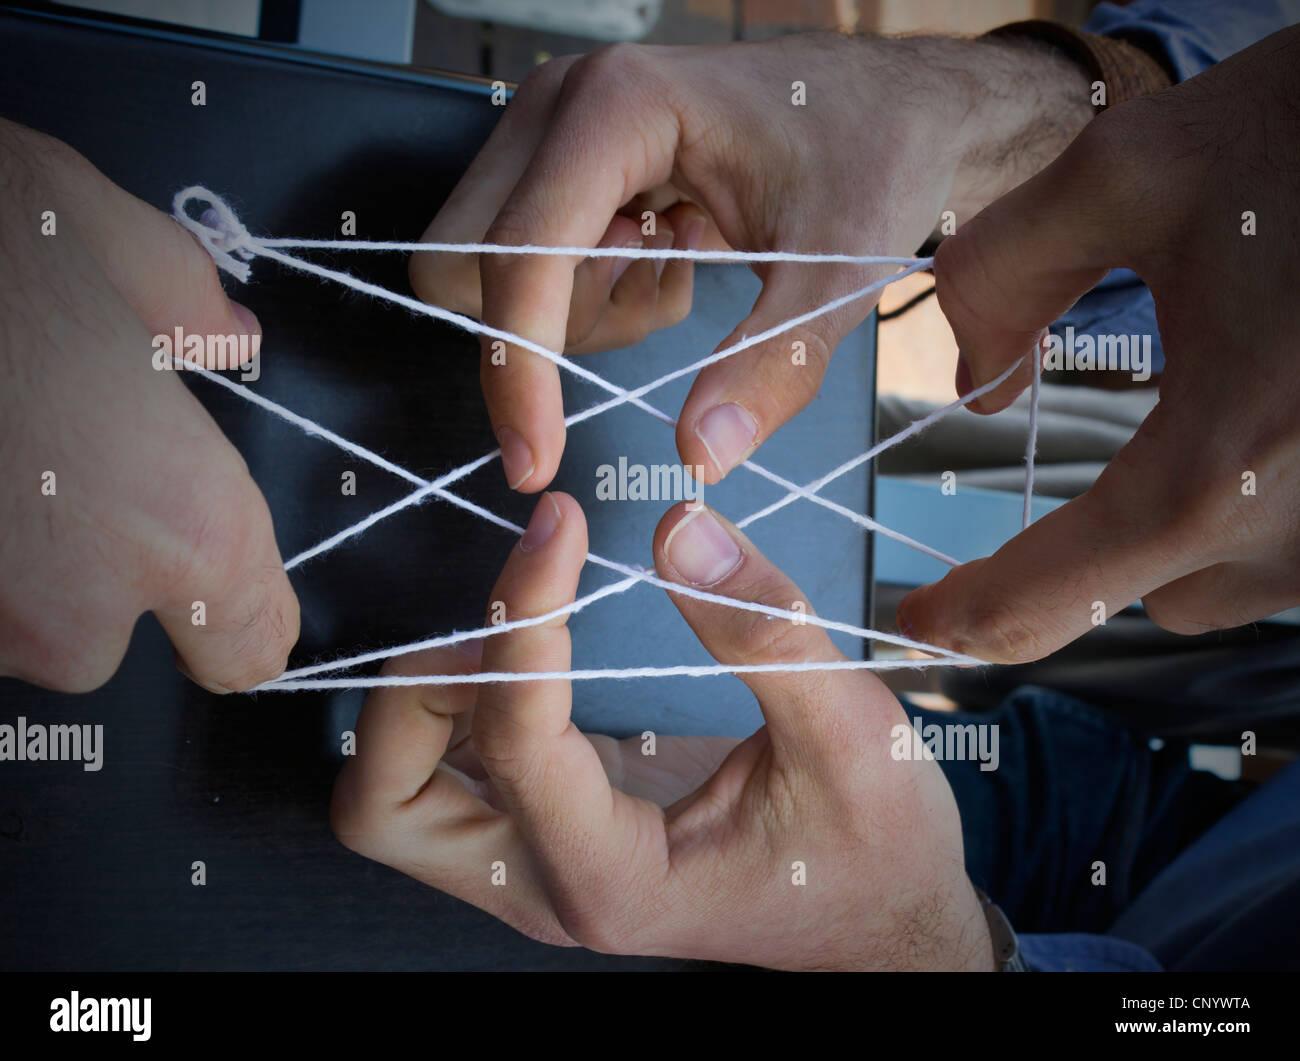 Manos jugar cat's cradle con un trozo de cadena Imagen De Stock